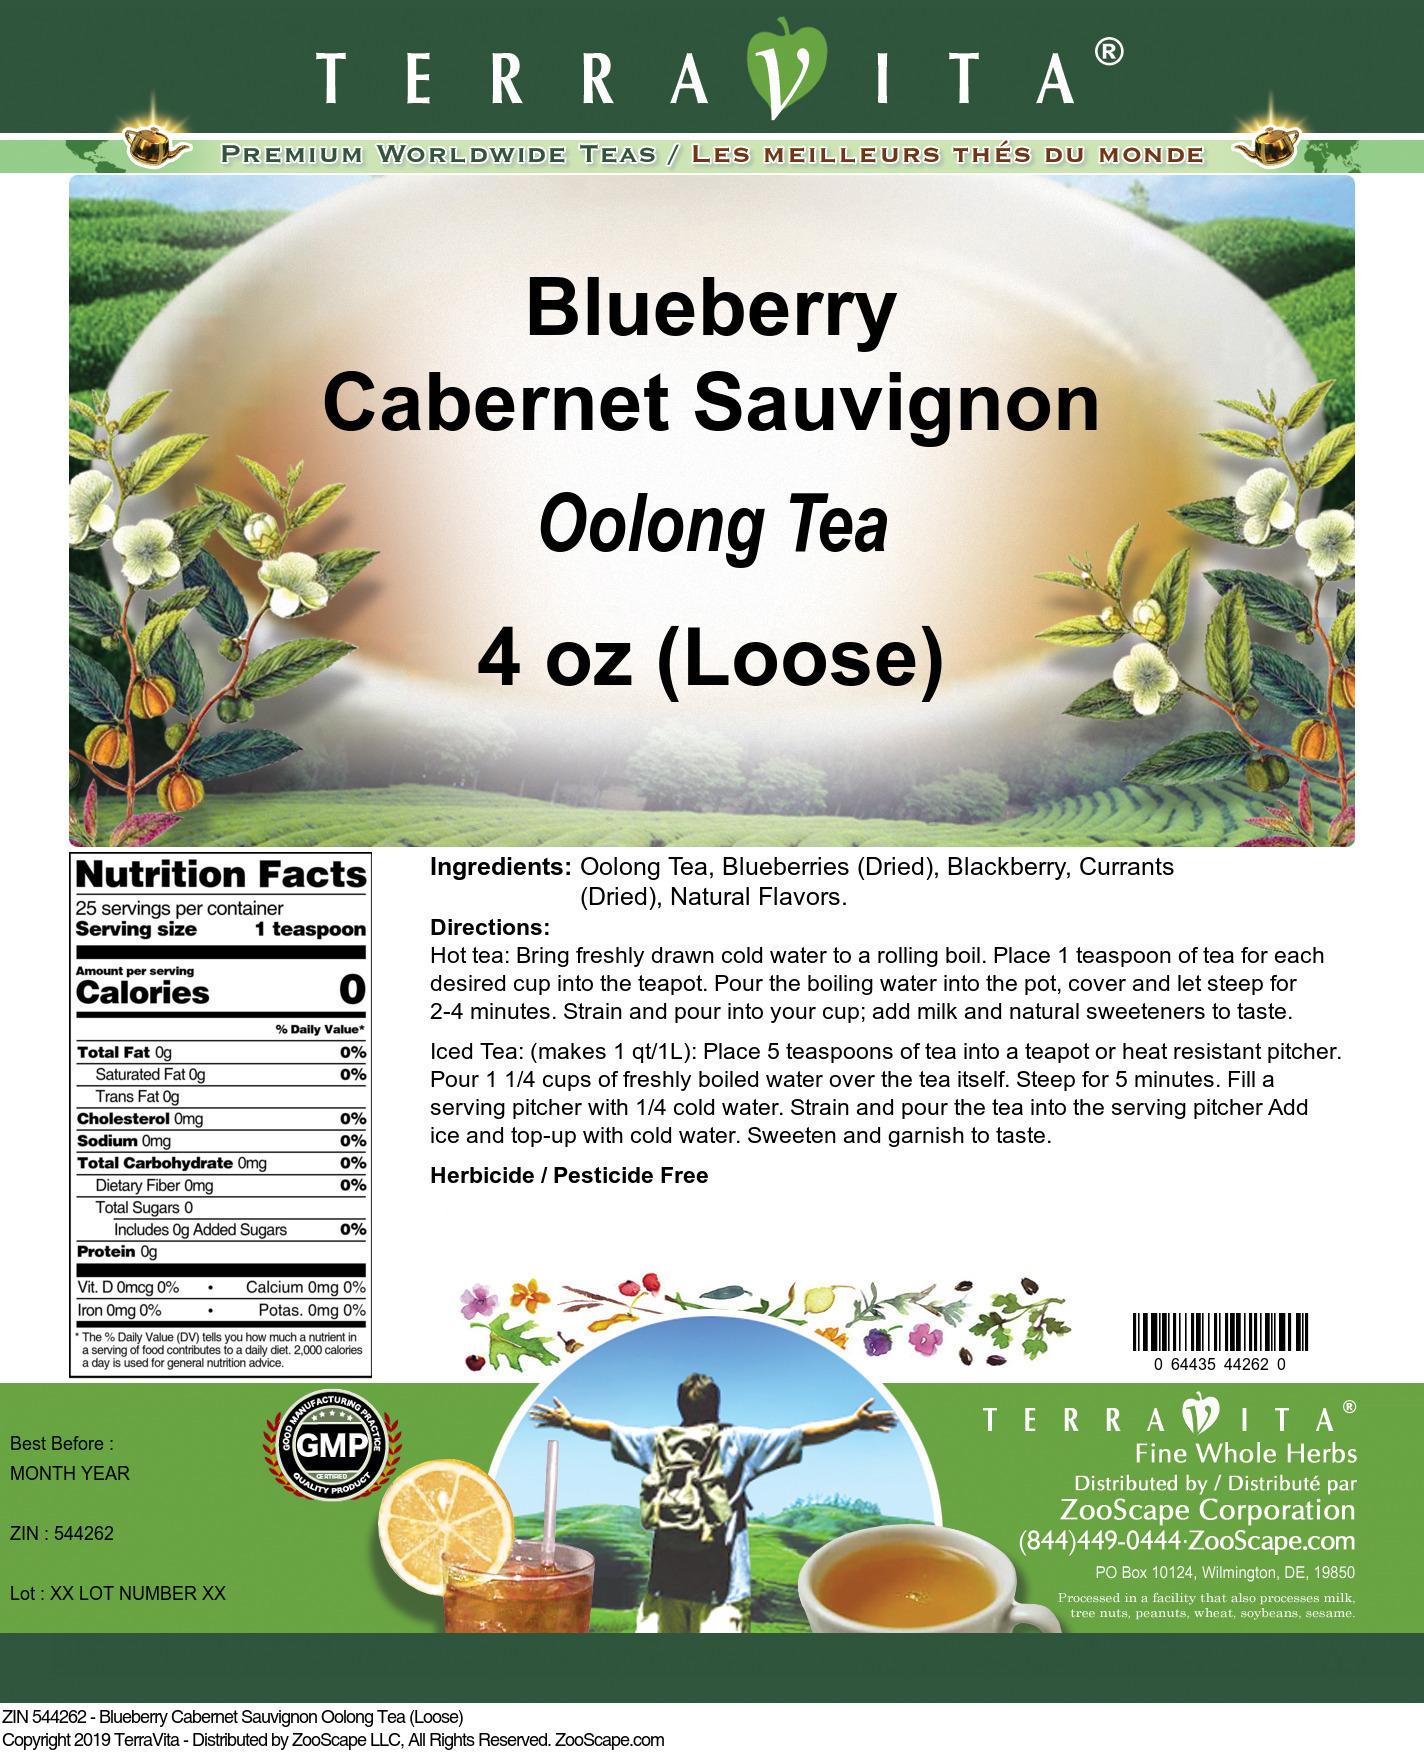 Blueberry Cabernet Sauvignon Oolong Tea (Loose)